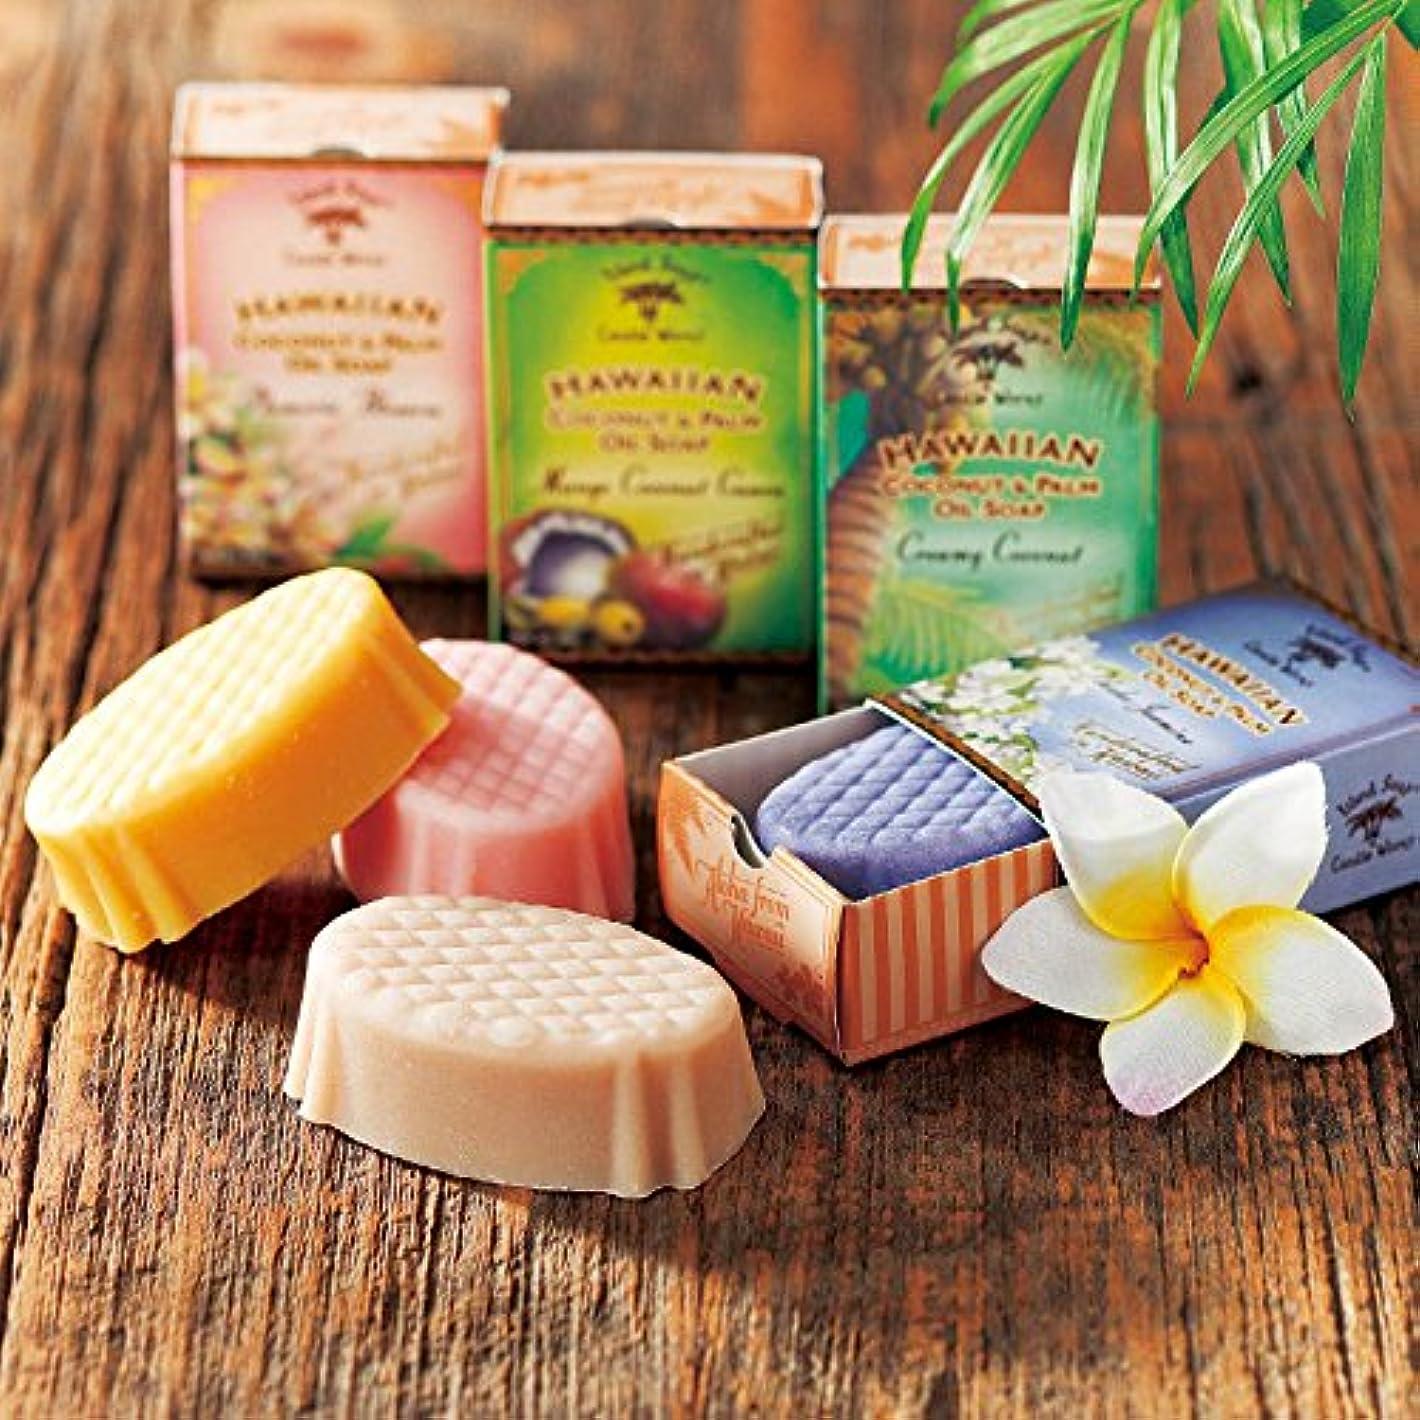 ワゴン研磨危険ハワイ 土産 アイランドソープ ココナッツソープ 4種セット (海外旅行 ハワイ お土産)